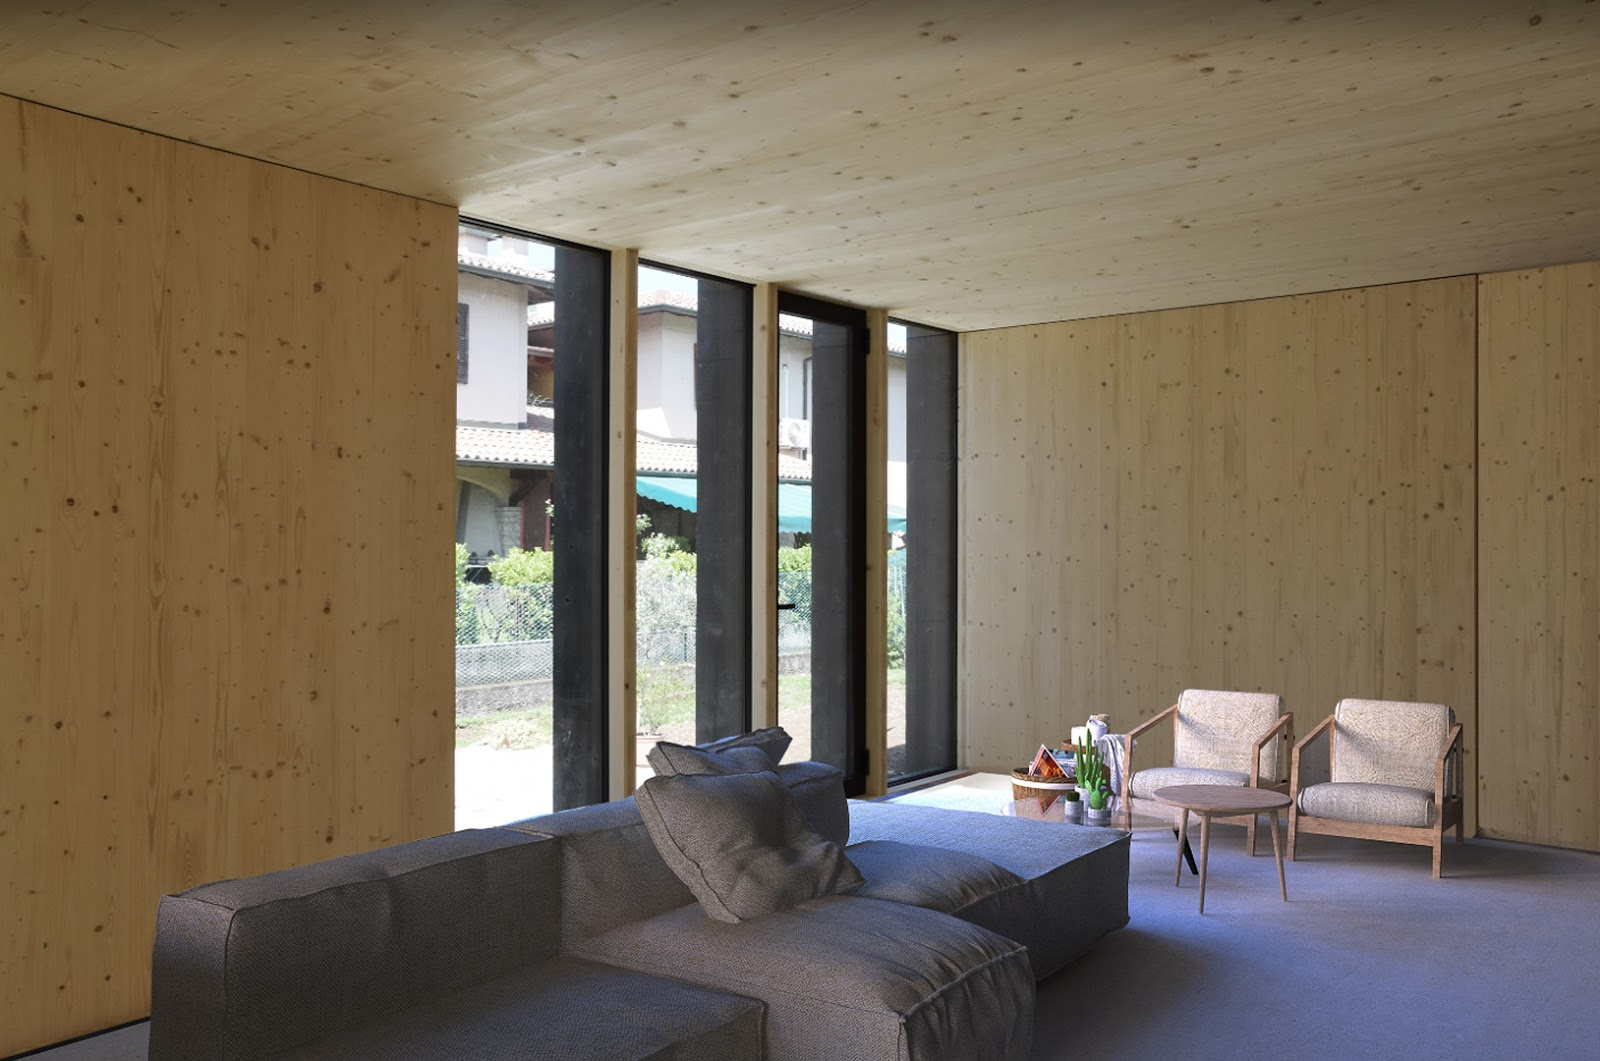 Tube house studio di architettura a verona case passive in legno e ristrutturazioni minimal for Costruire un nuovo processo di prestito a casa